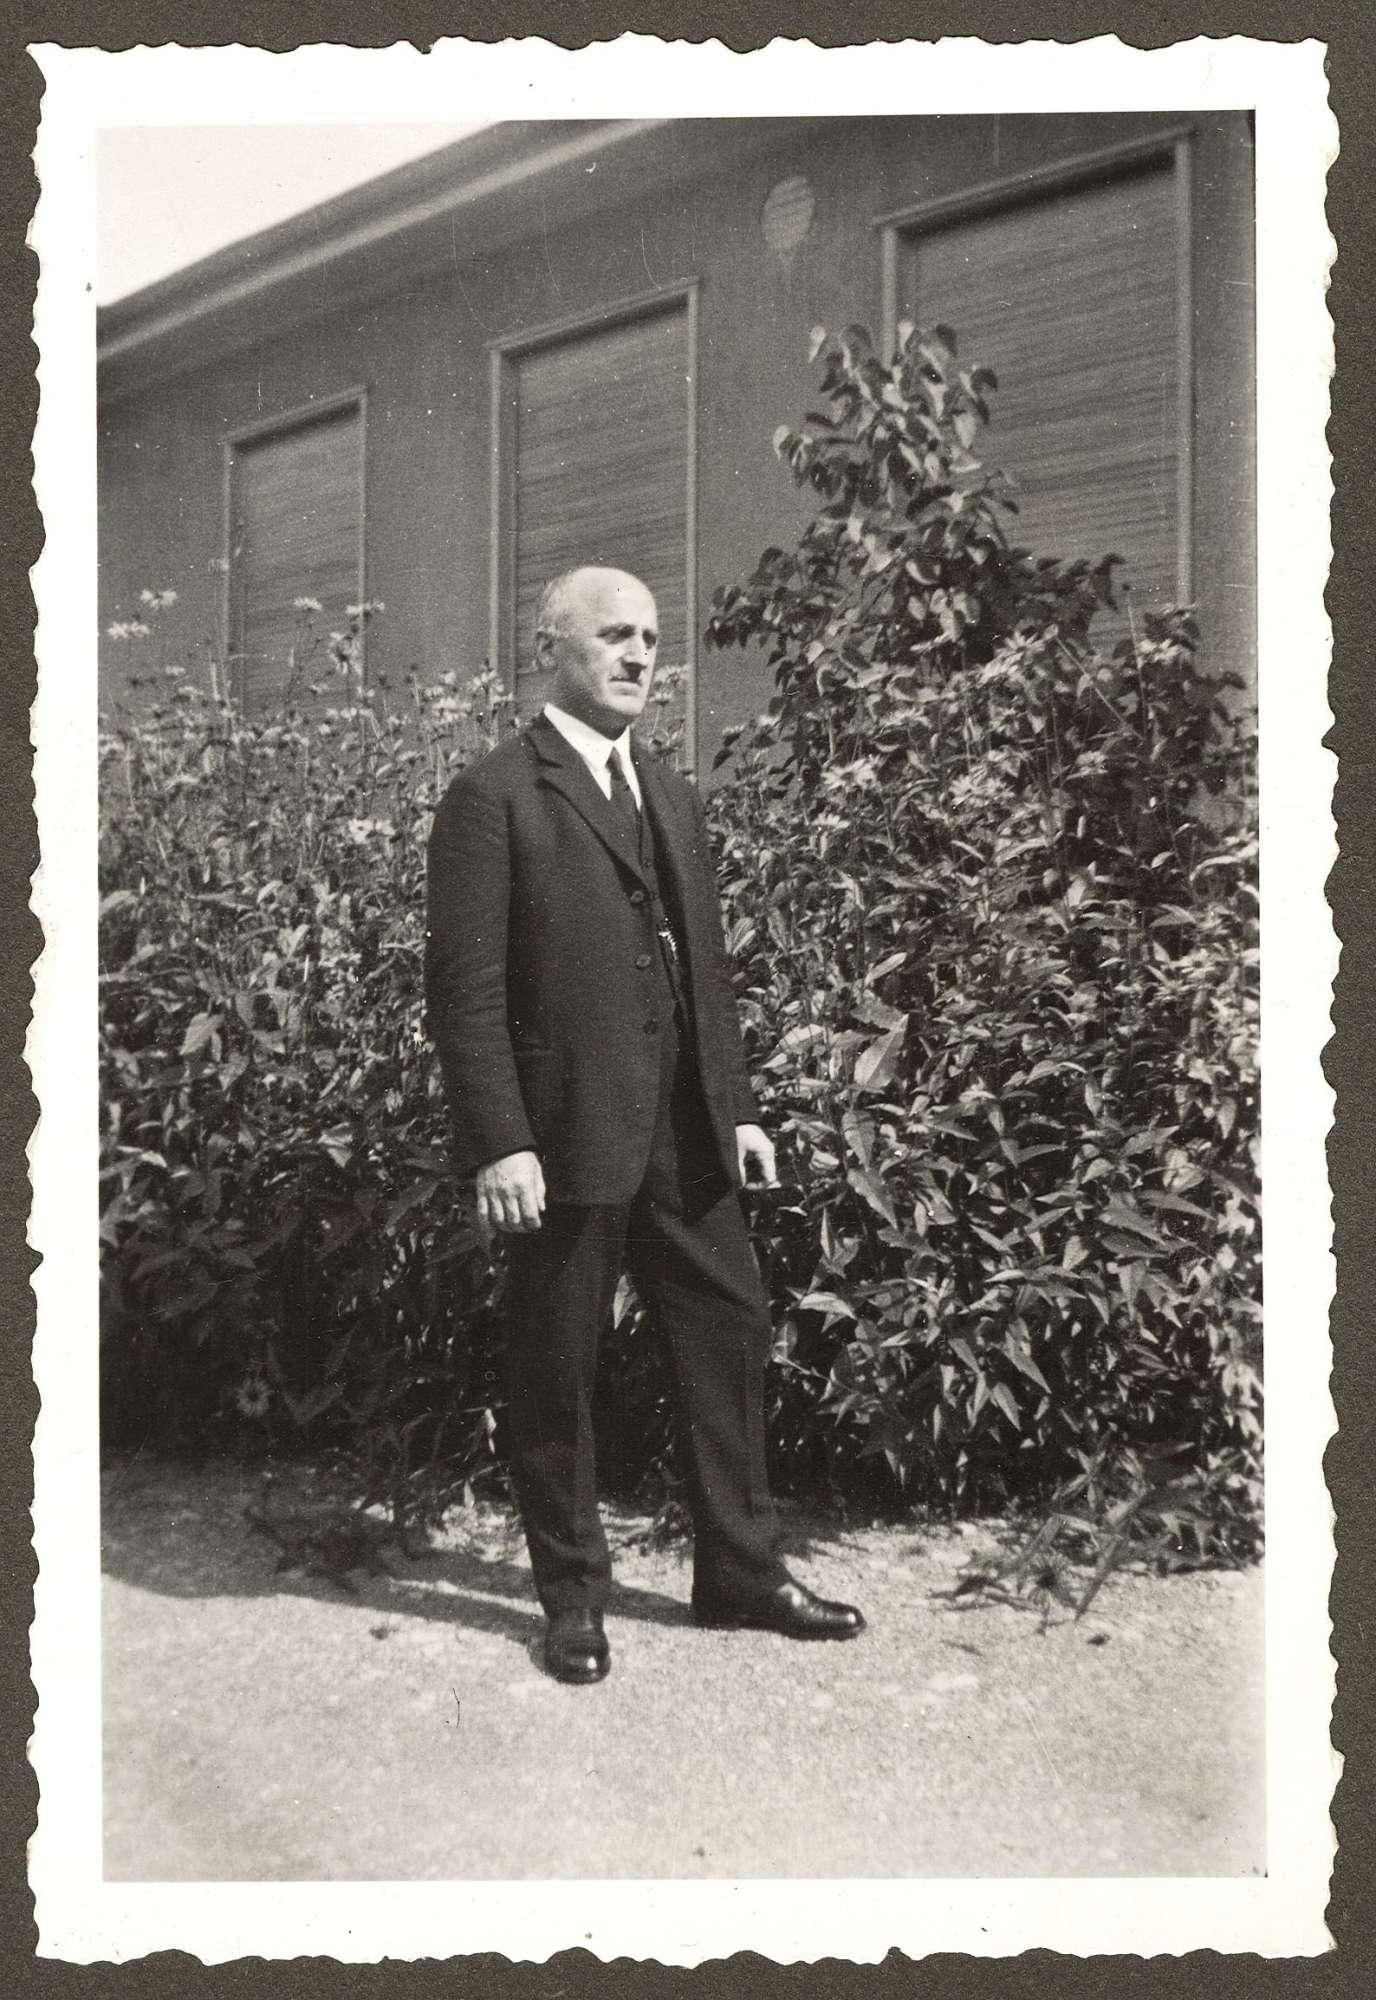 Nagel, Eugen, Bild 1